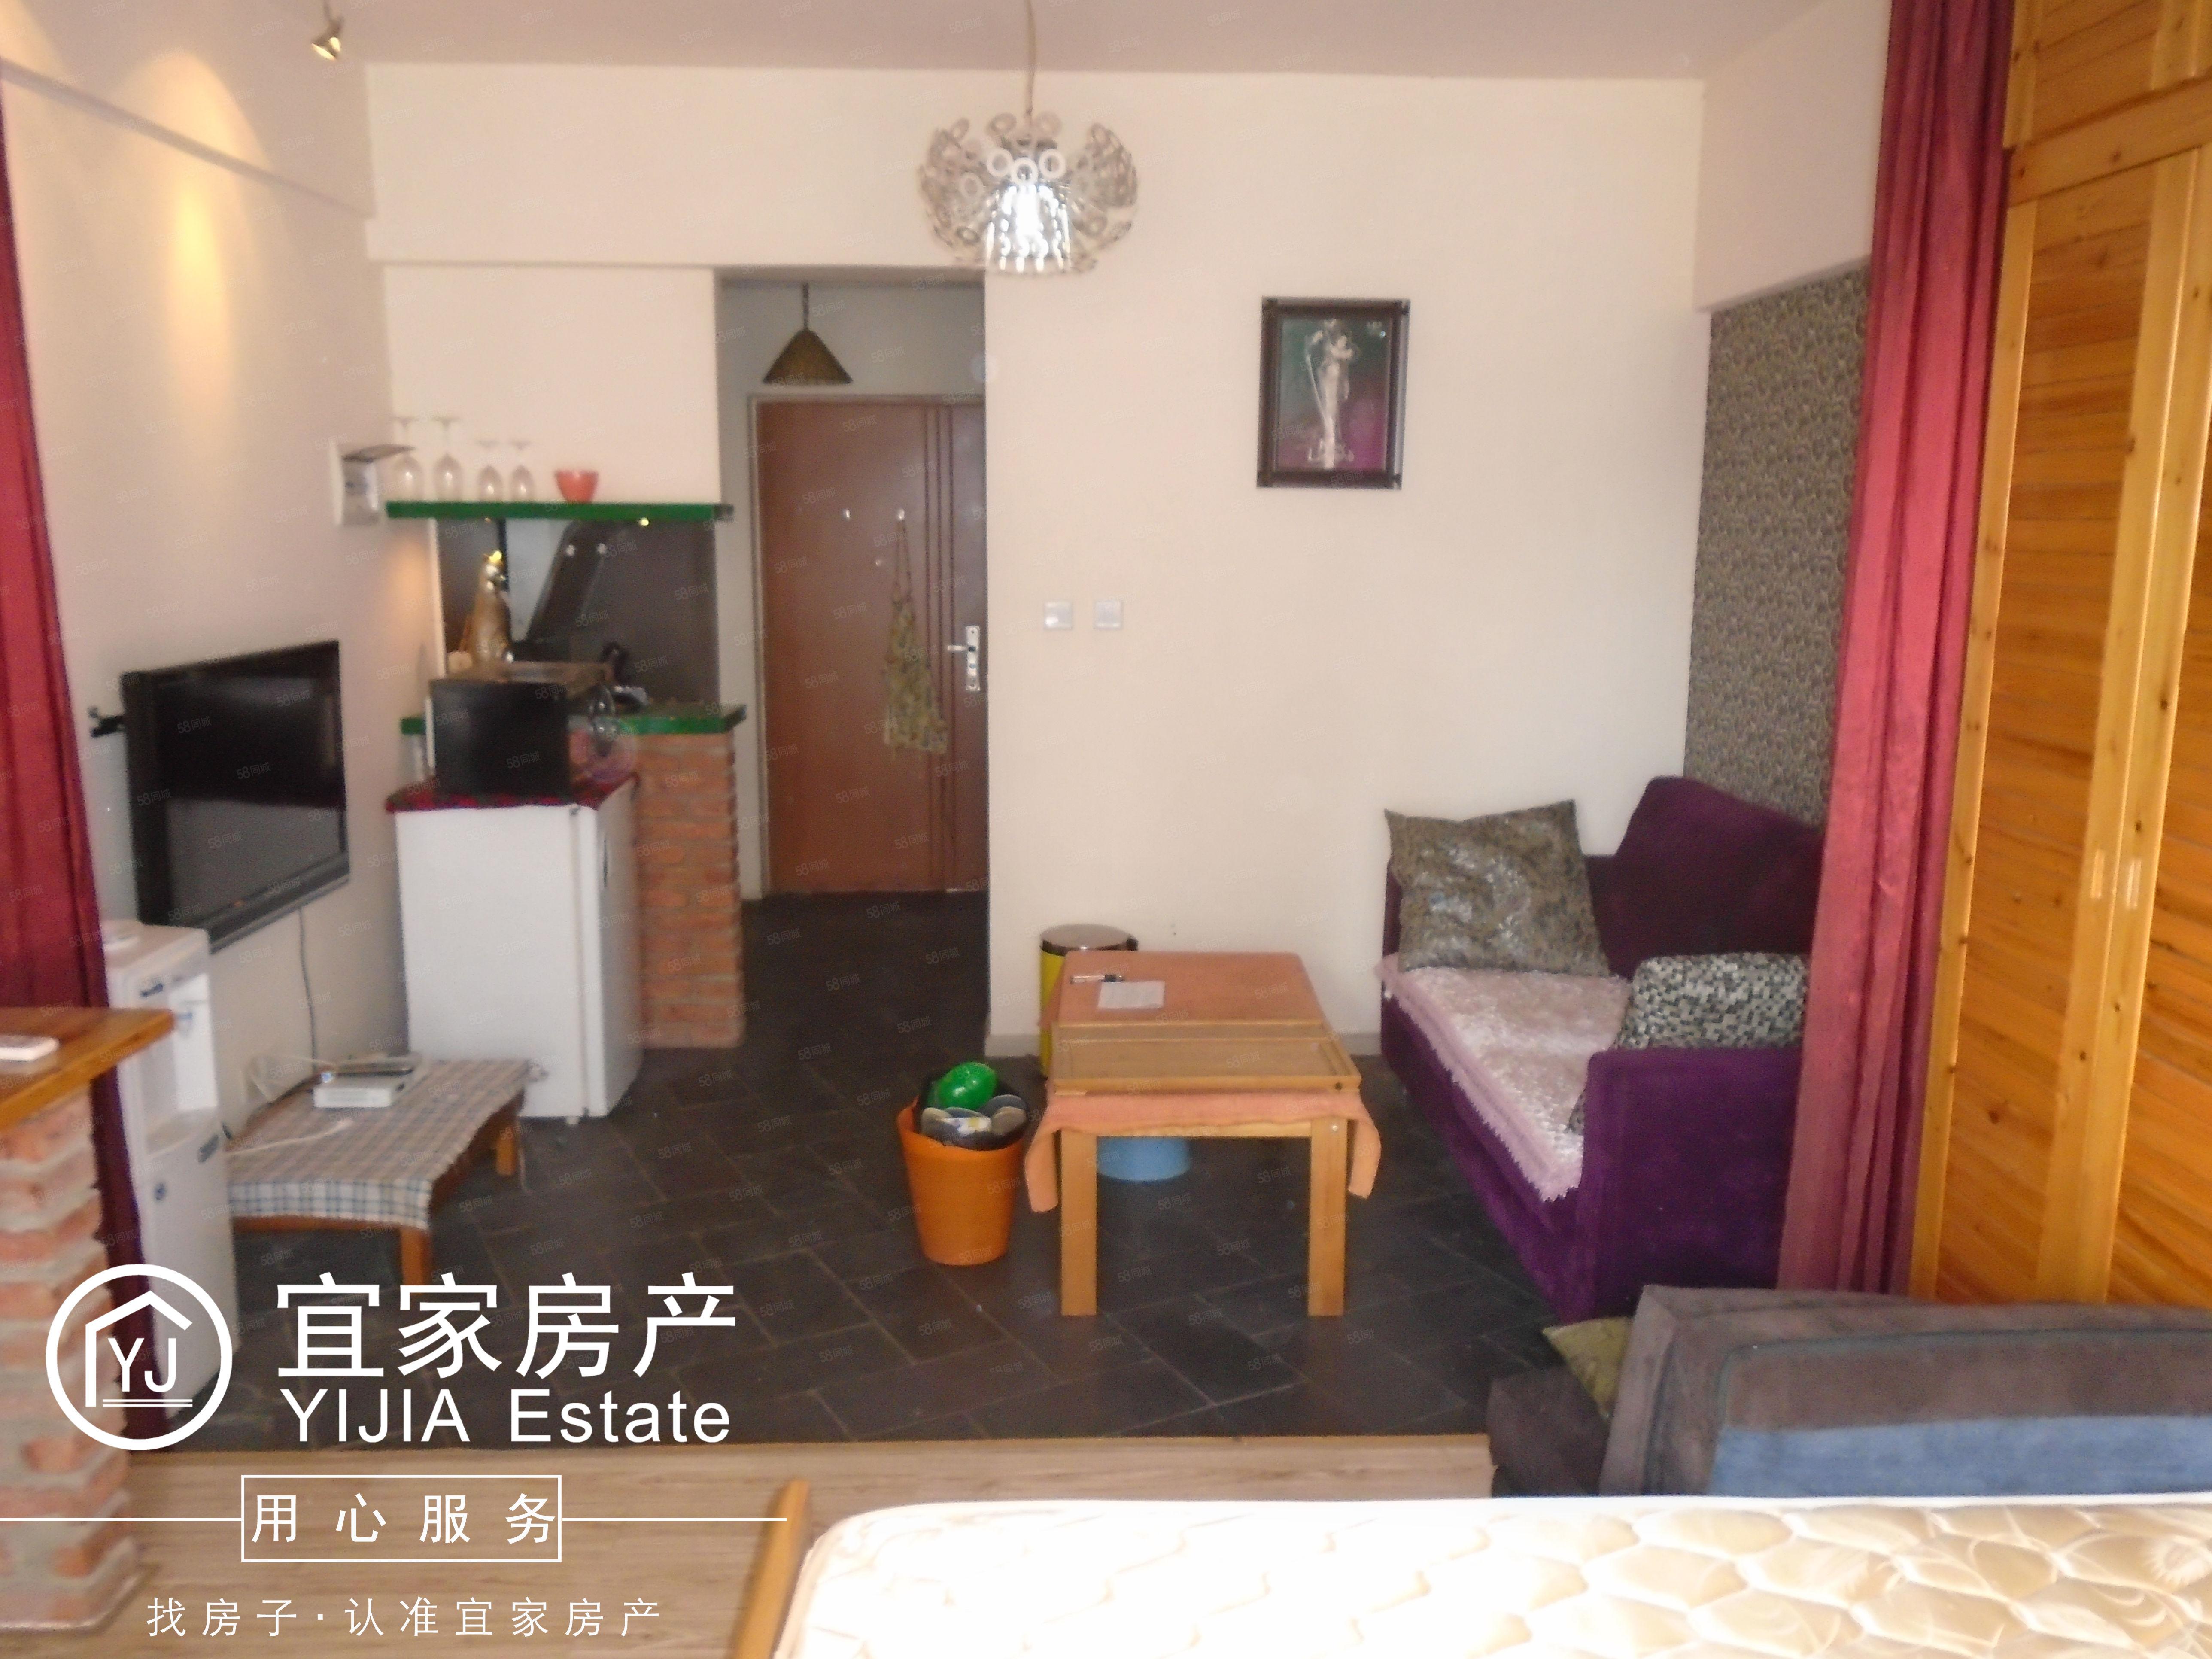 时代广场,1室1厅1厨1卫,精装修单身公寓,带全套家电家具